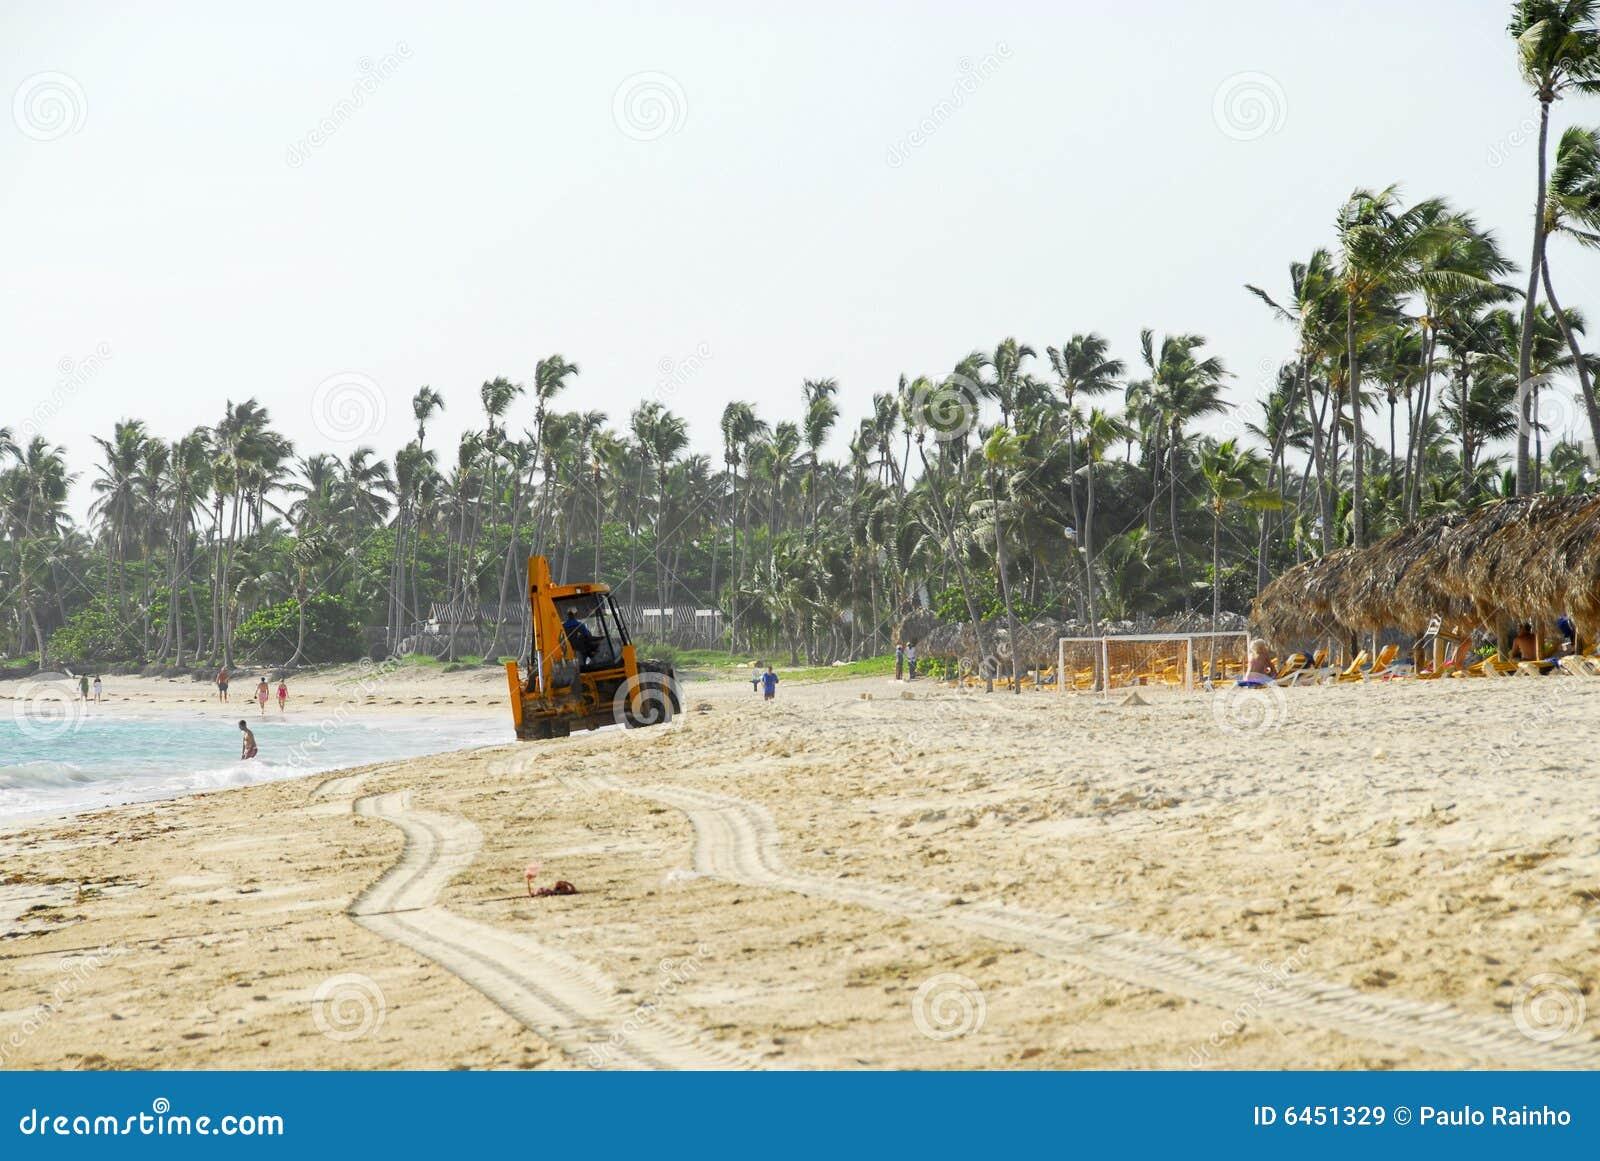 Czyszczenie lasów tropikalnych na plaży